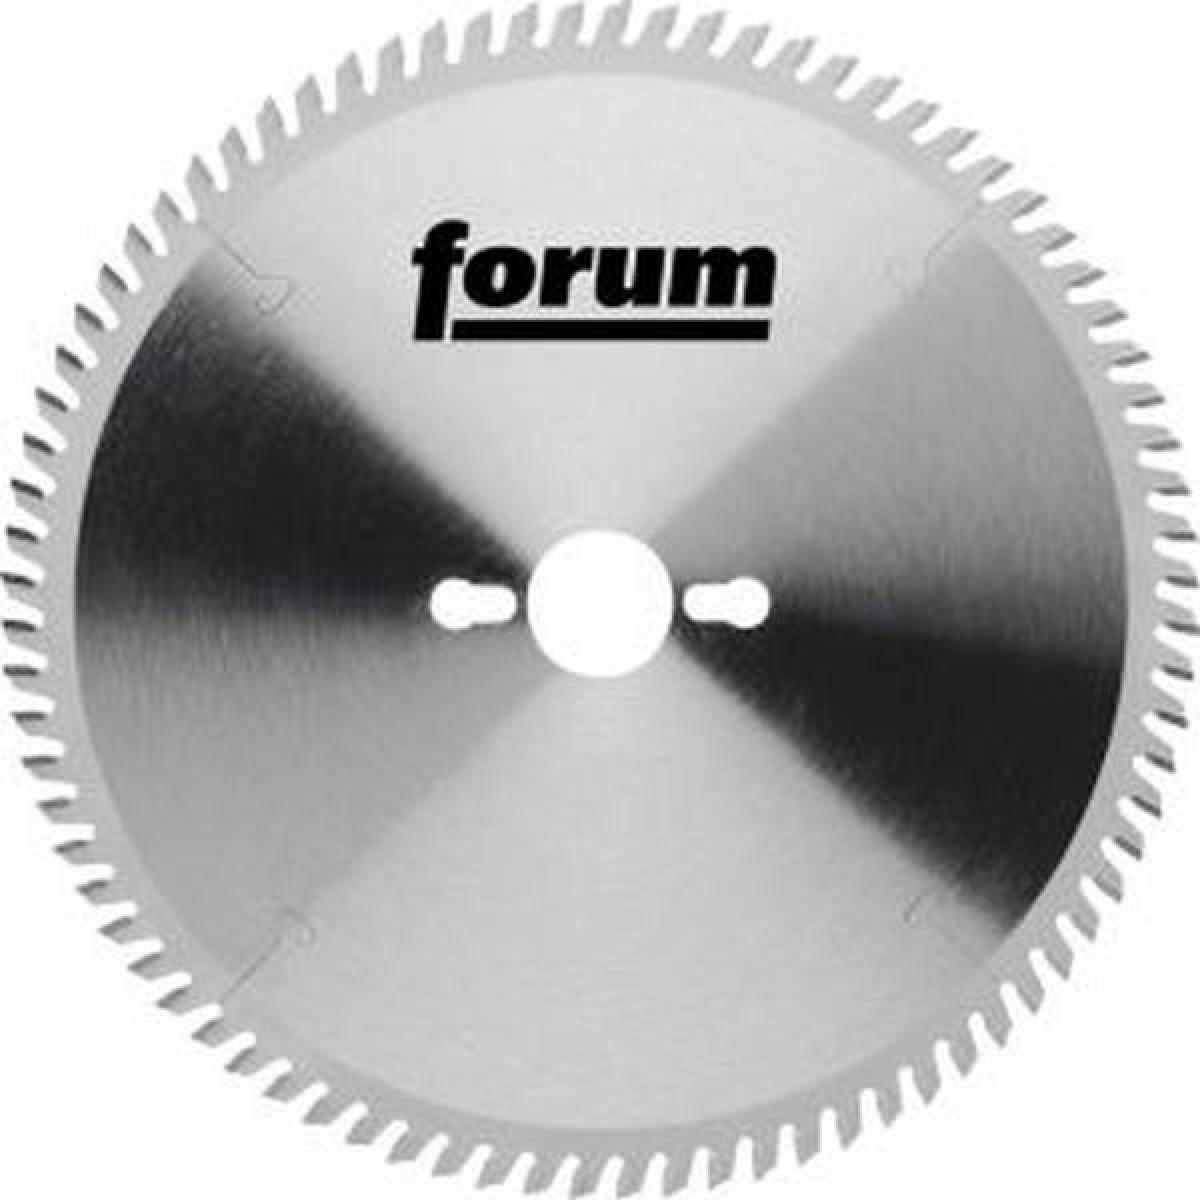 Forum Lame de scie circulaire, Ø : 160 mm, Larg. : 1,8 mm, Alésage 20 mm, Perçages secondaires : -, Dents : 36